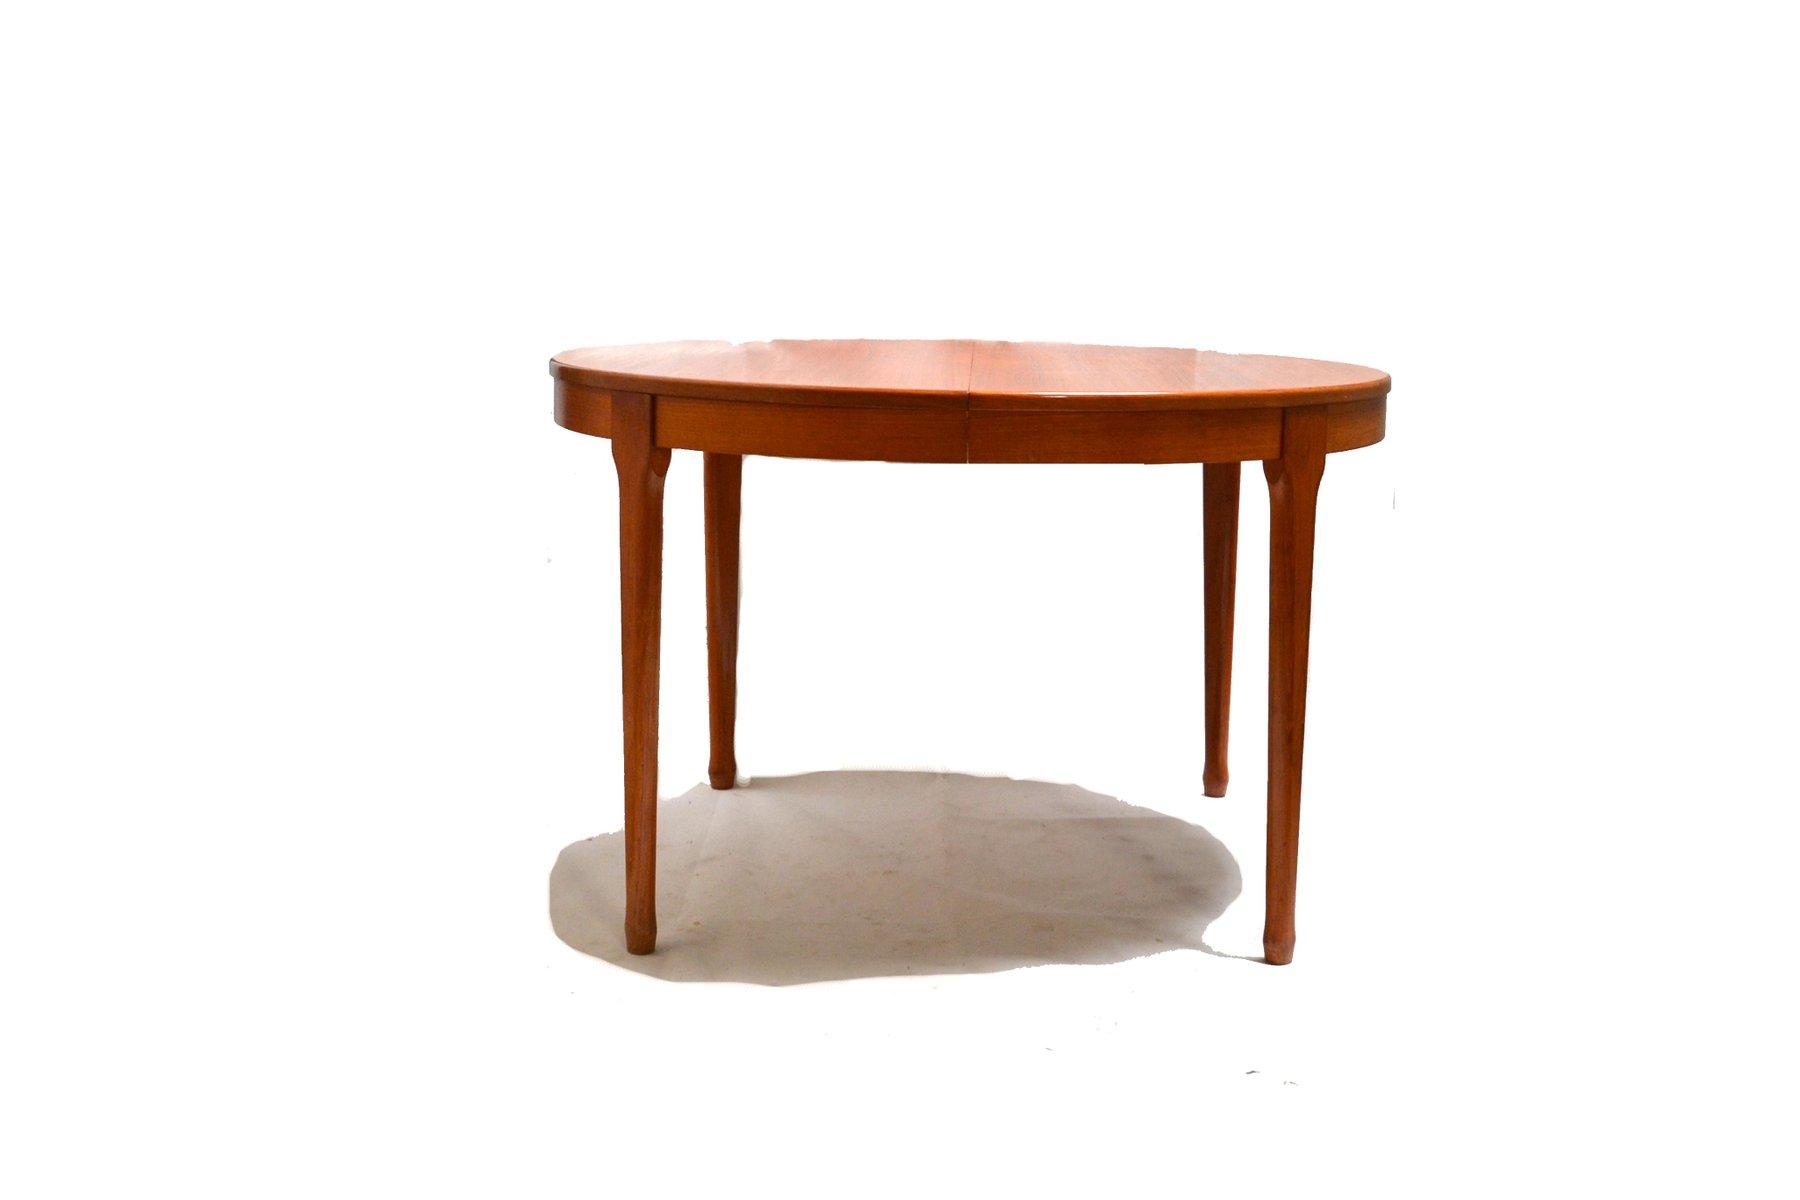 ausziehbarer runder vintage esstisch von meubles tv bei pamono kaufen. Black Bedroom Furniture Sets. Home Design Ideas